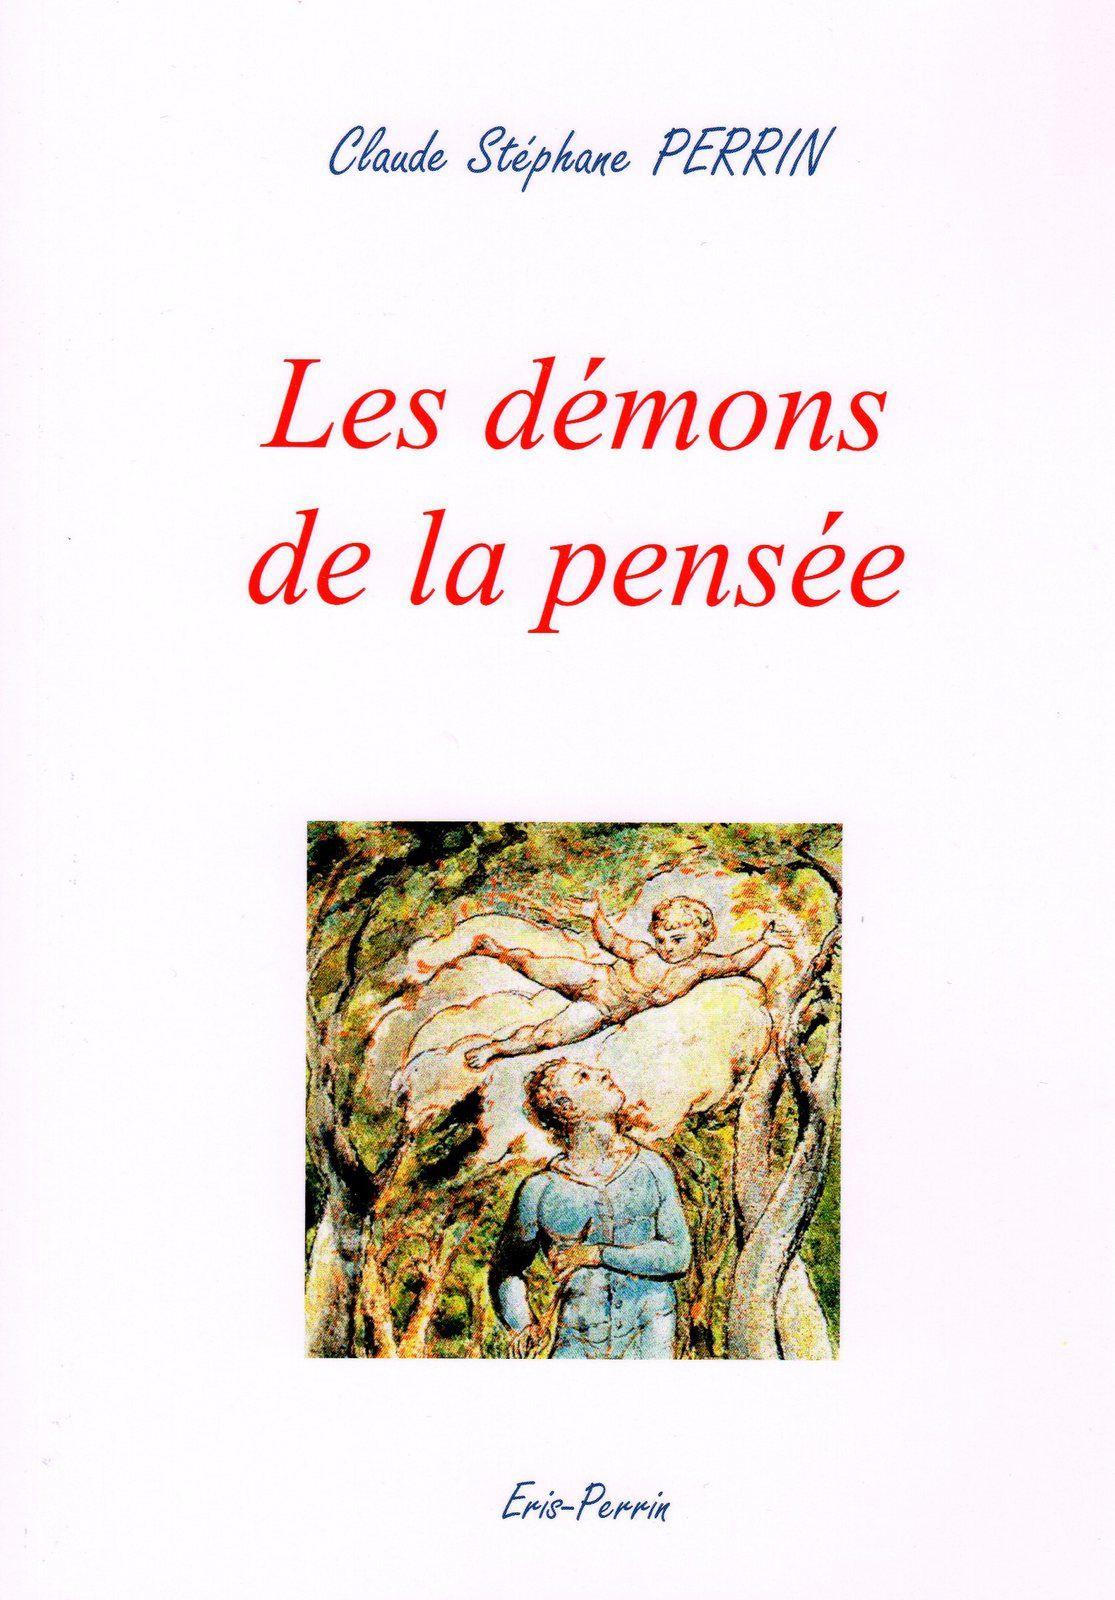 Platon et l'amour démoniaque